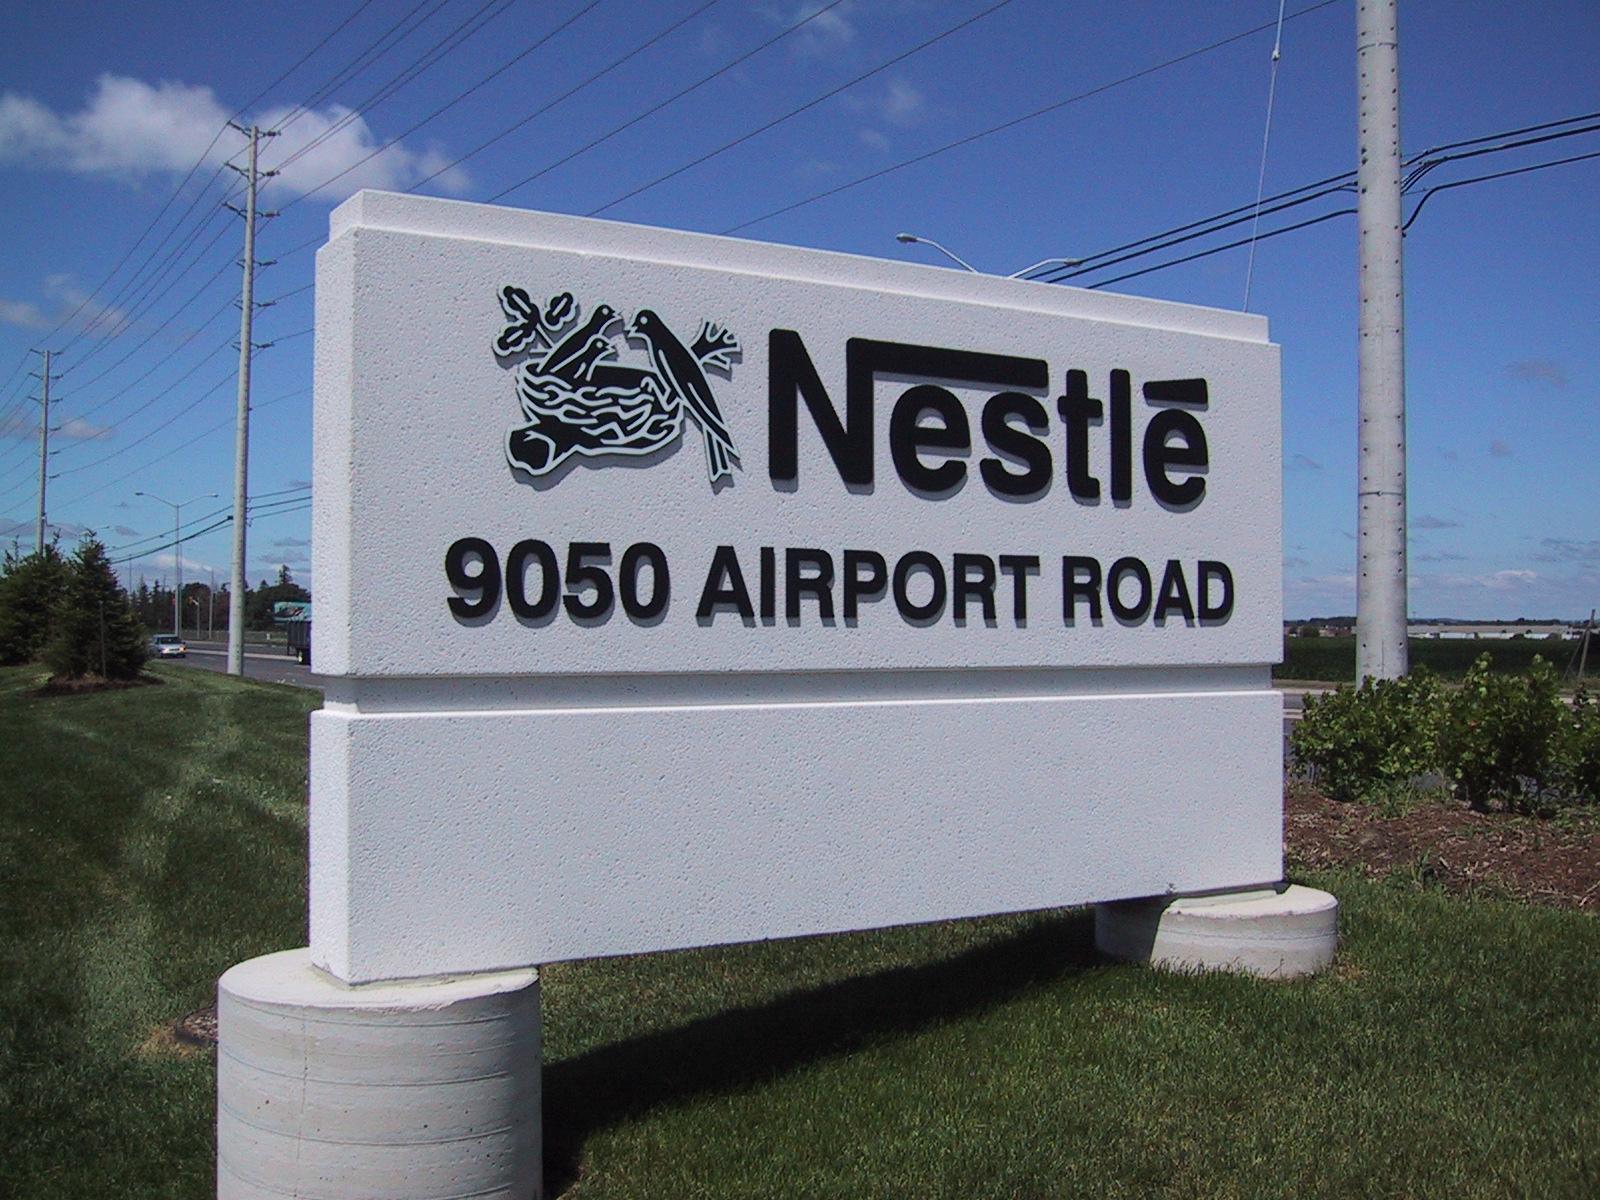 Nestle airpt rd